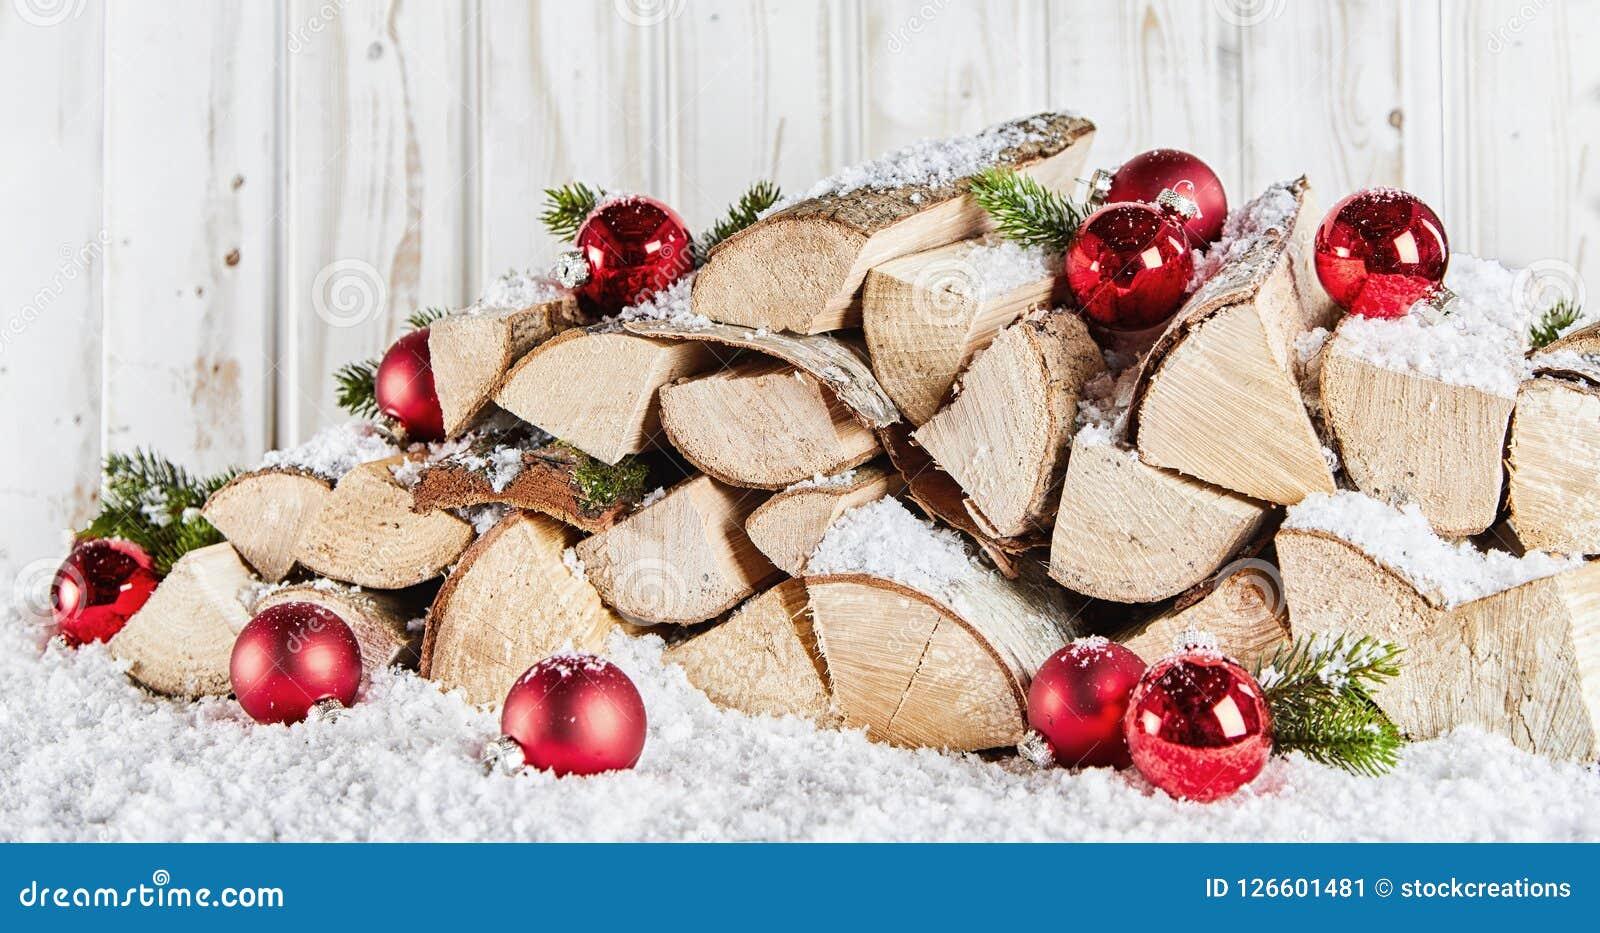 La reserva del invierno de la madera abre una sesión nieve en Navidad